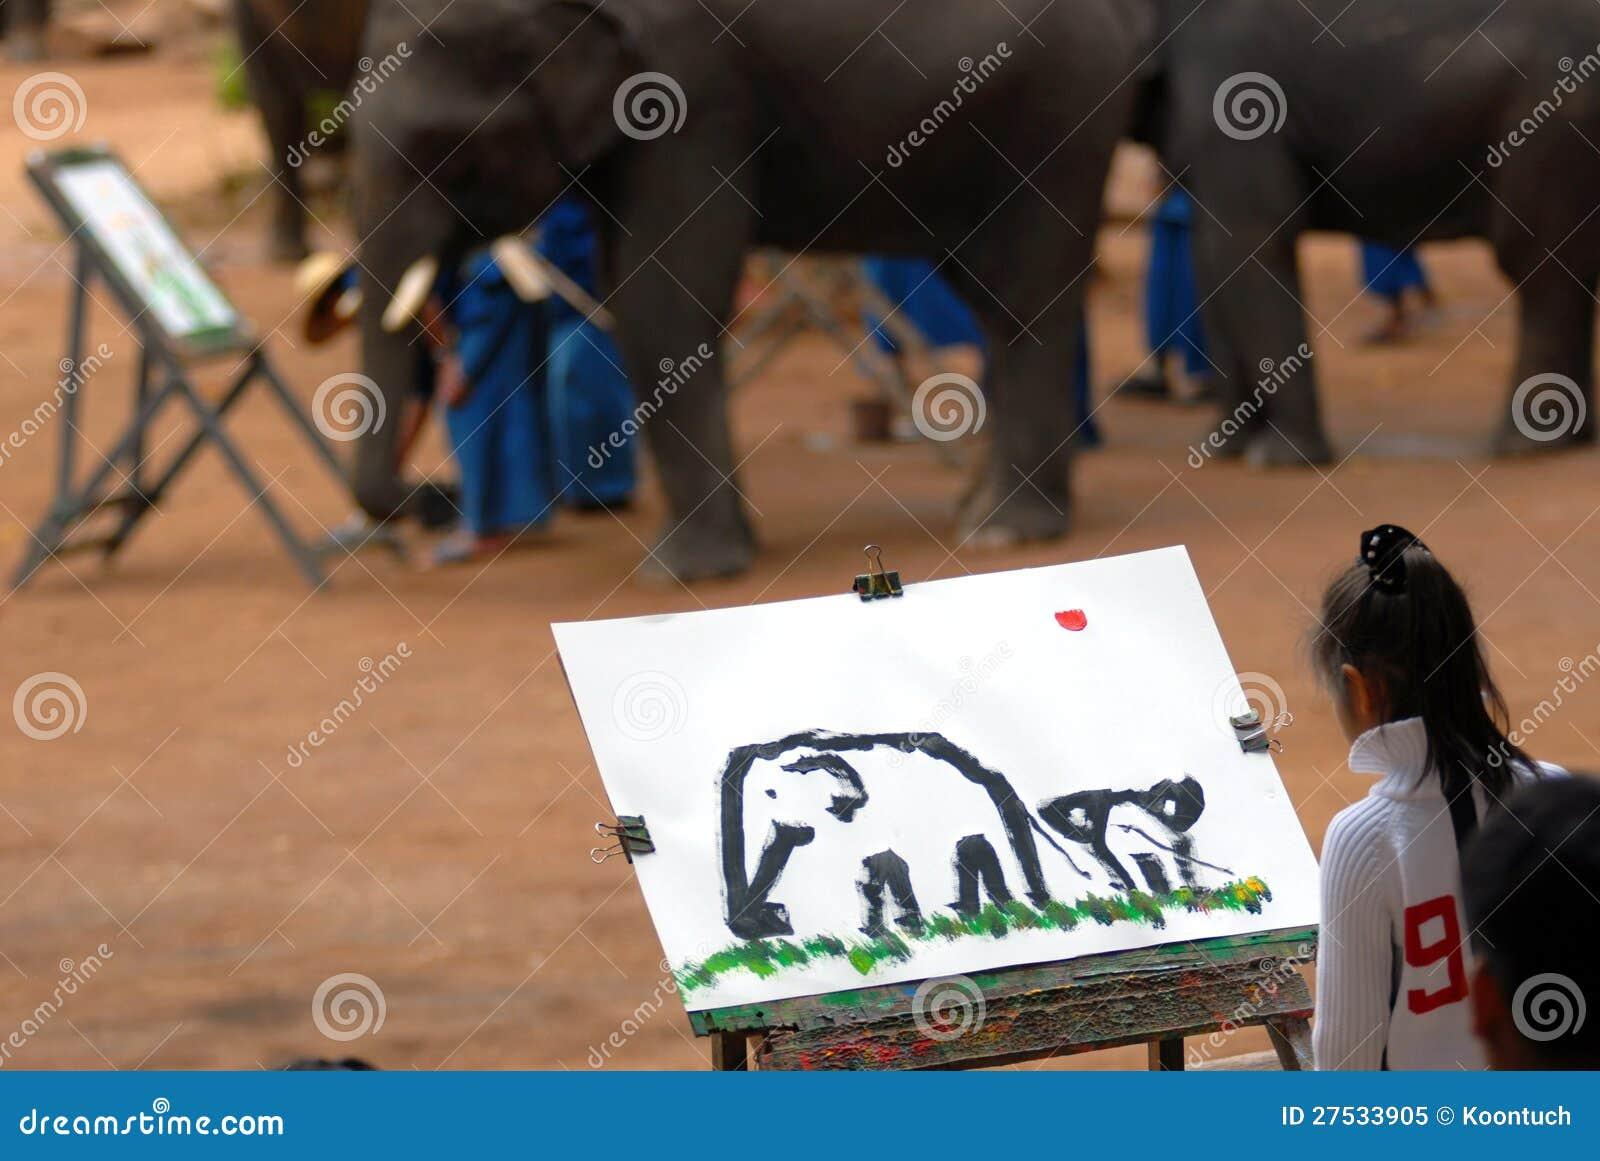 Elefantteckning. [2]